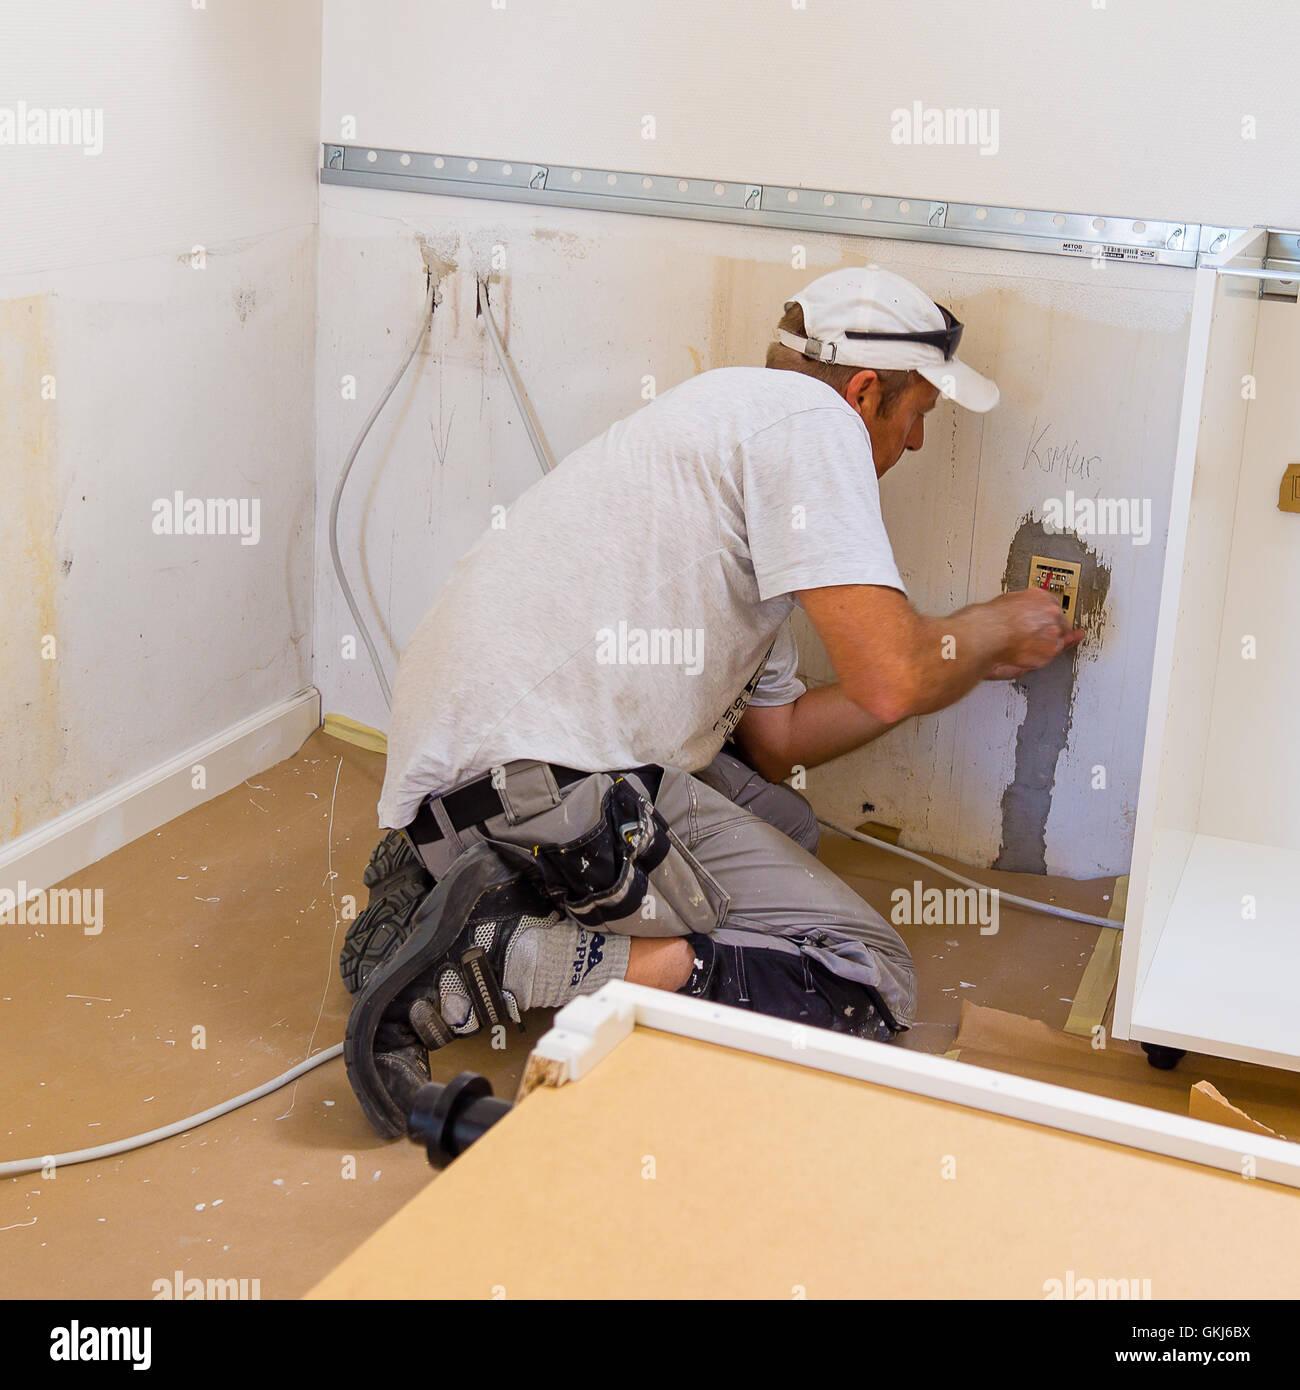 Tischler Montage Einer Ikea Kuche Stockfoto Bild 115340846 Alamy